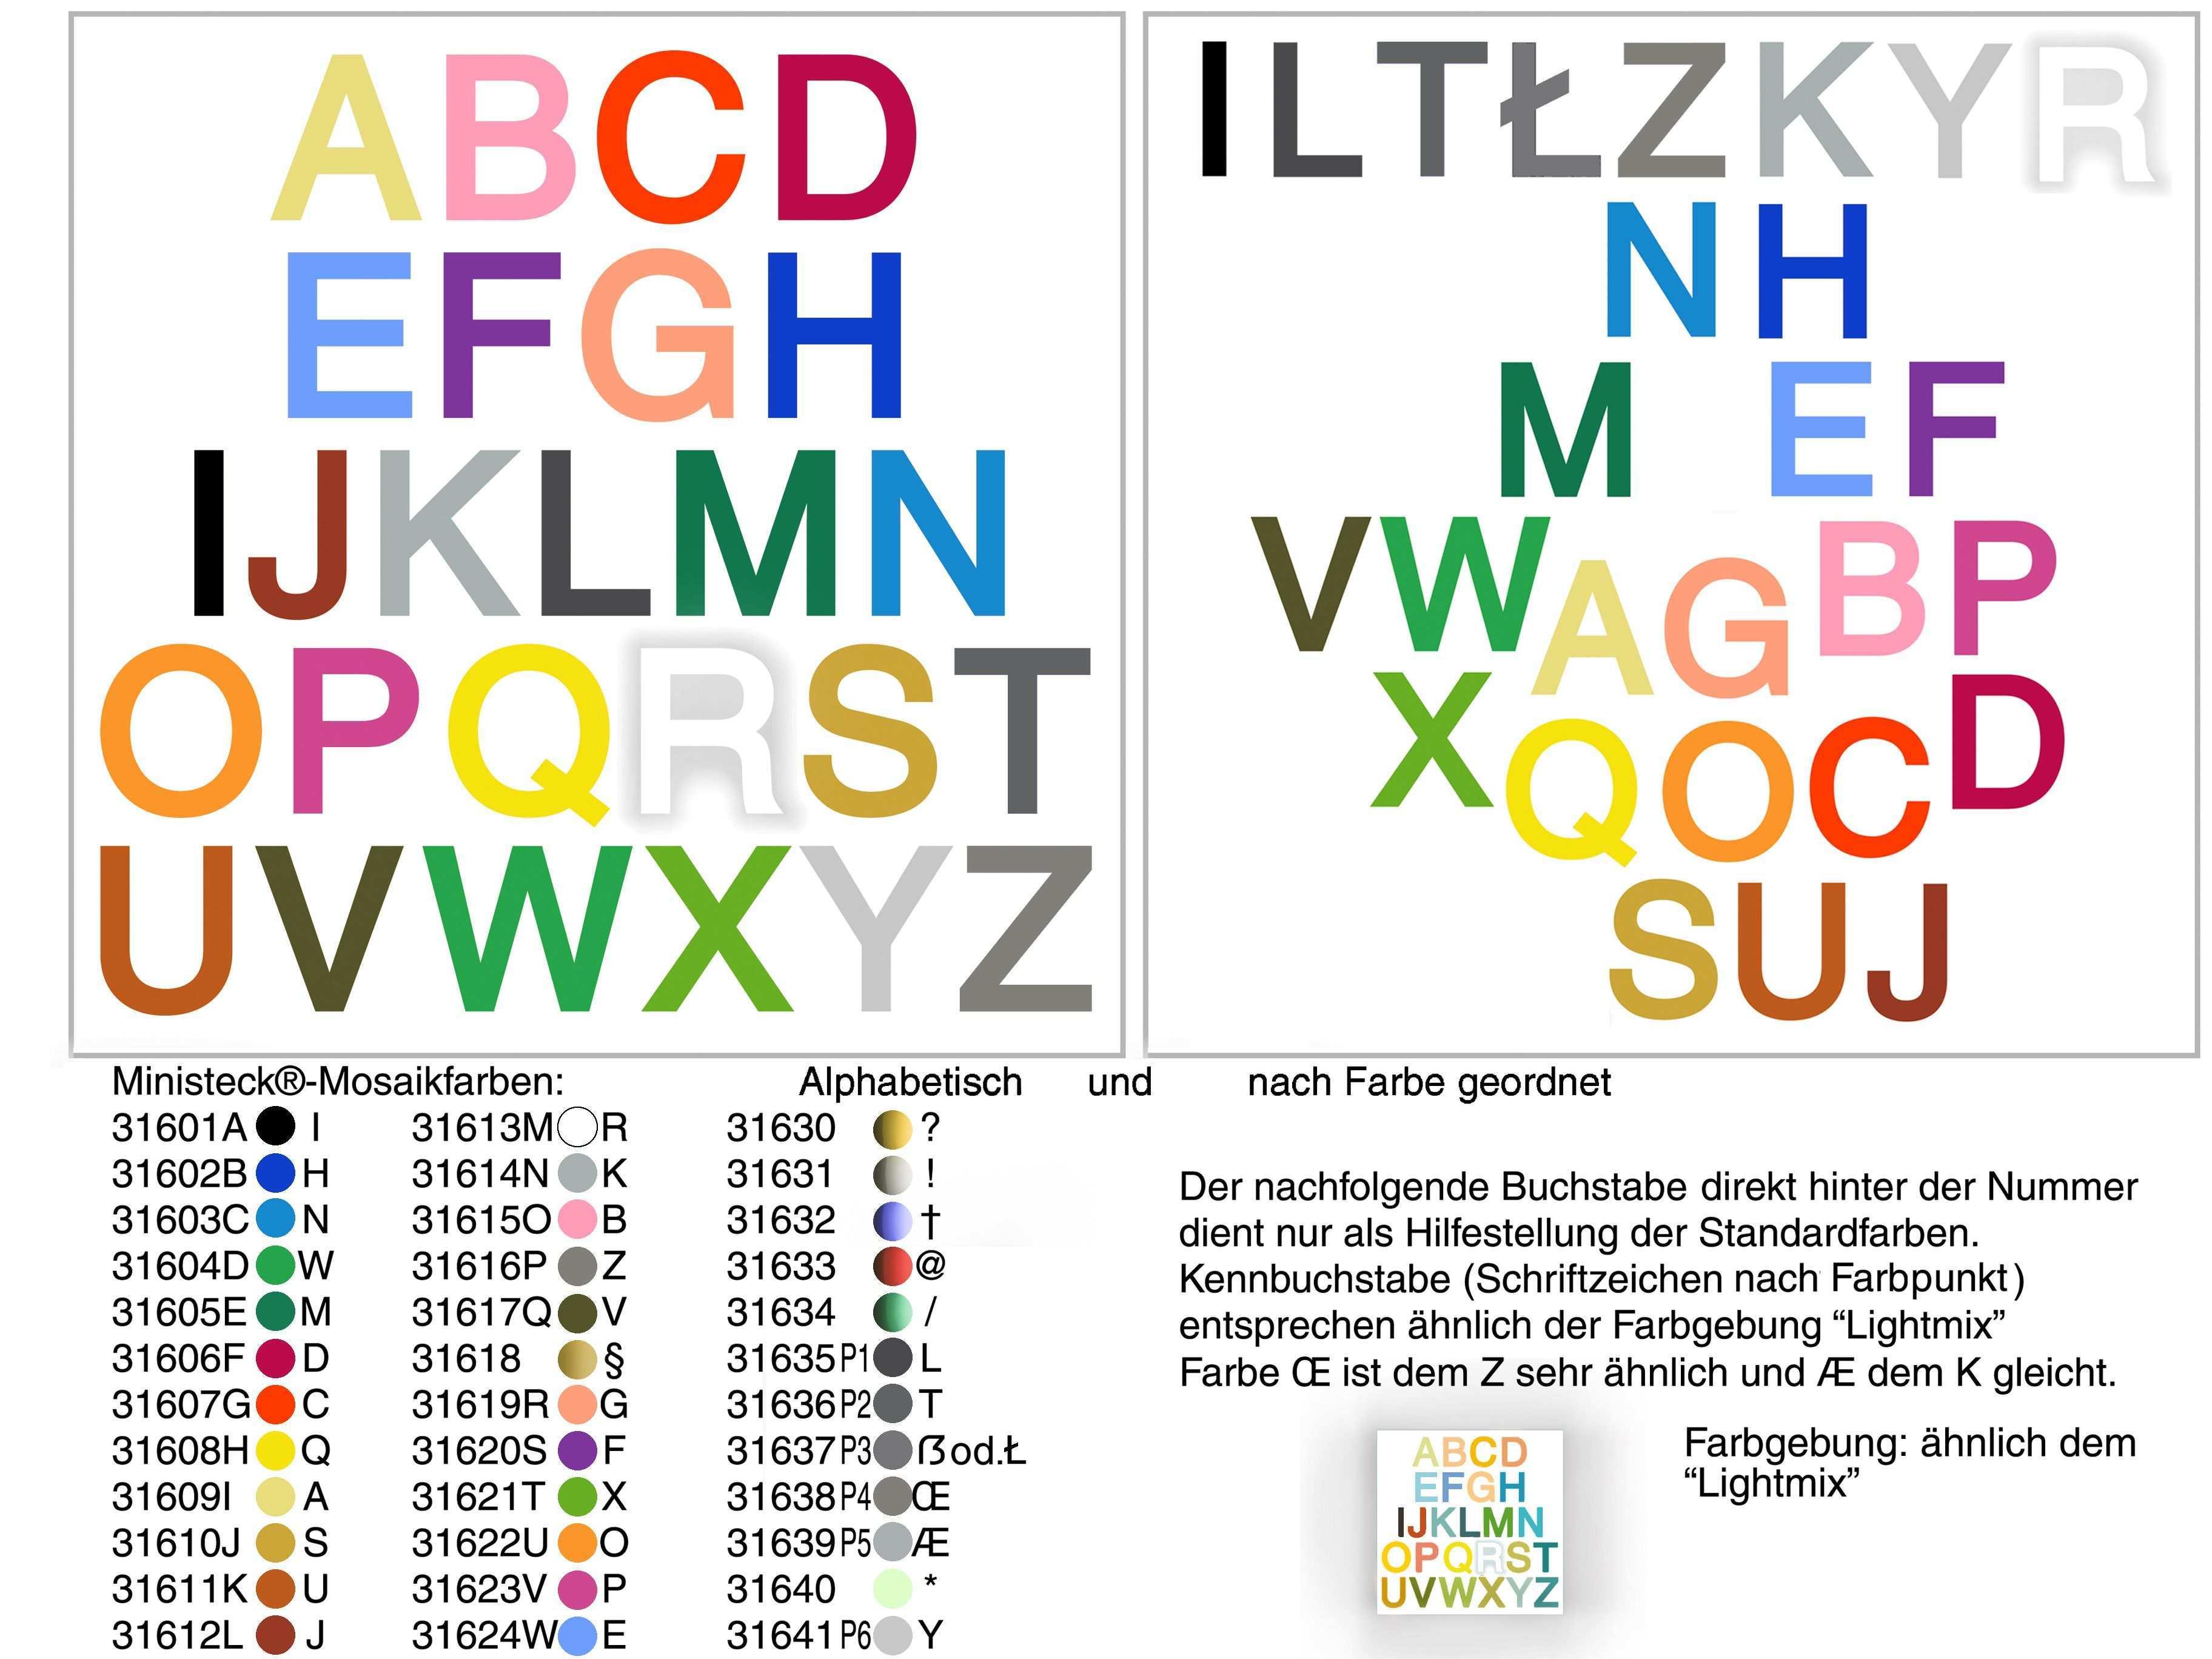 Farbiges Alphabet Synastesie Von Buchstaben Hier Ist Eine Palette Mit Ministeck Mosaikfarben Wie Hier Diese Farbgebung An